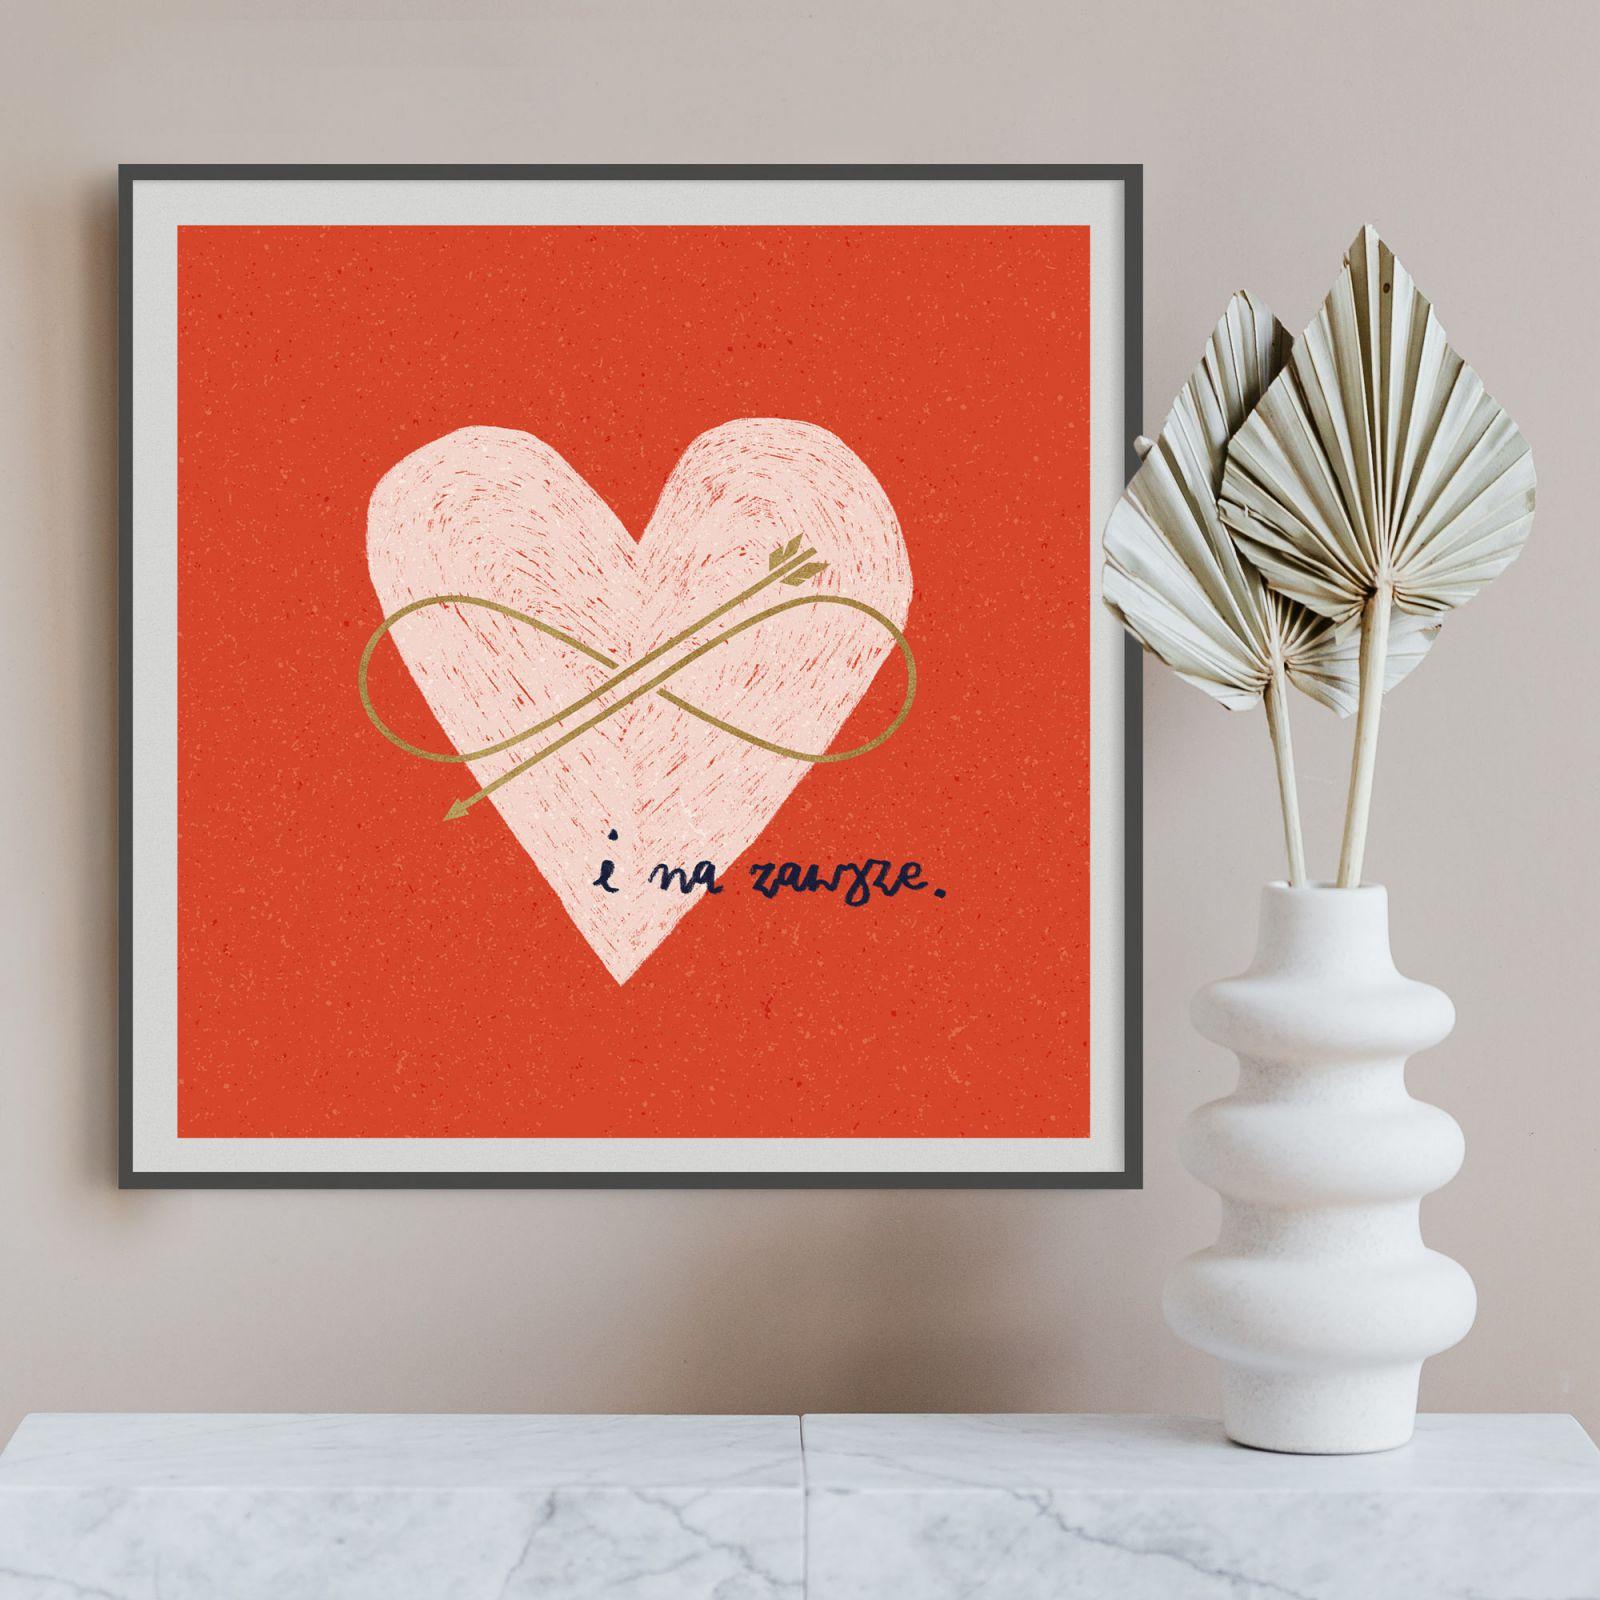 Plakat Miłość I na zawsze